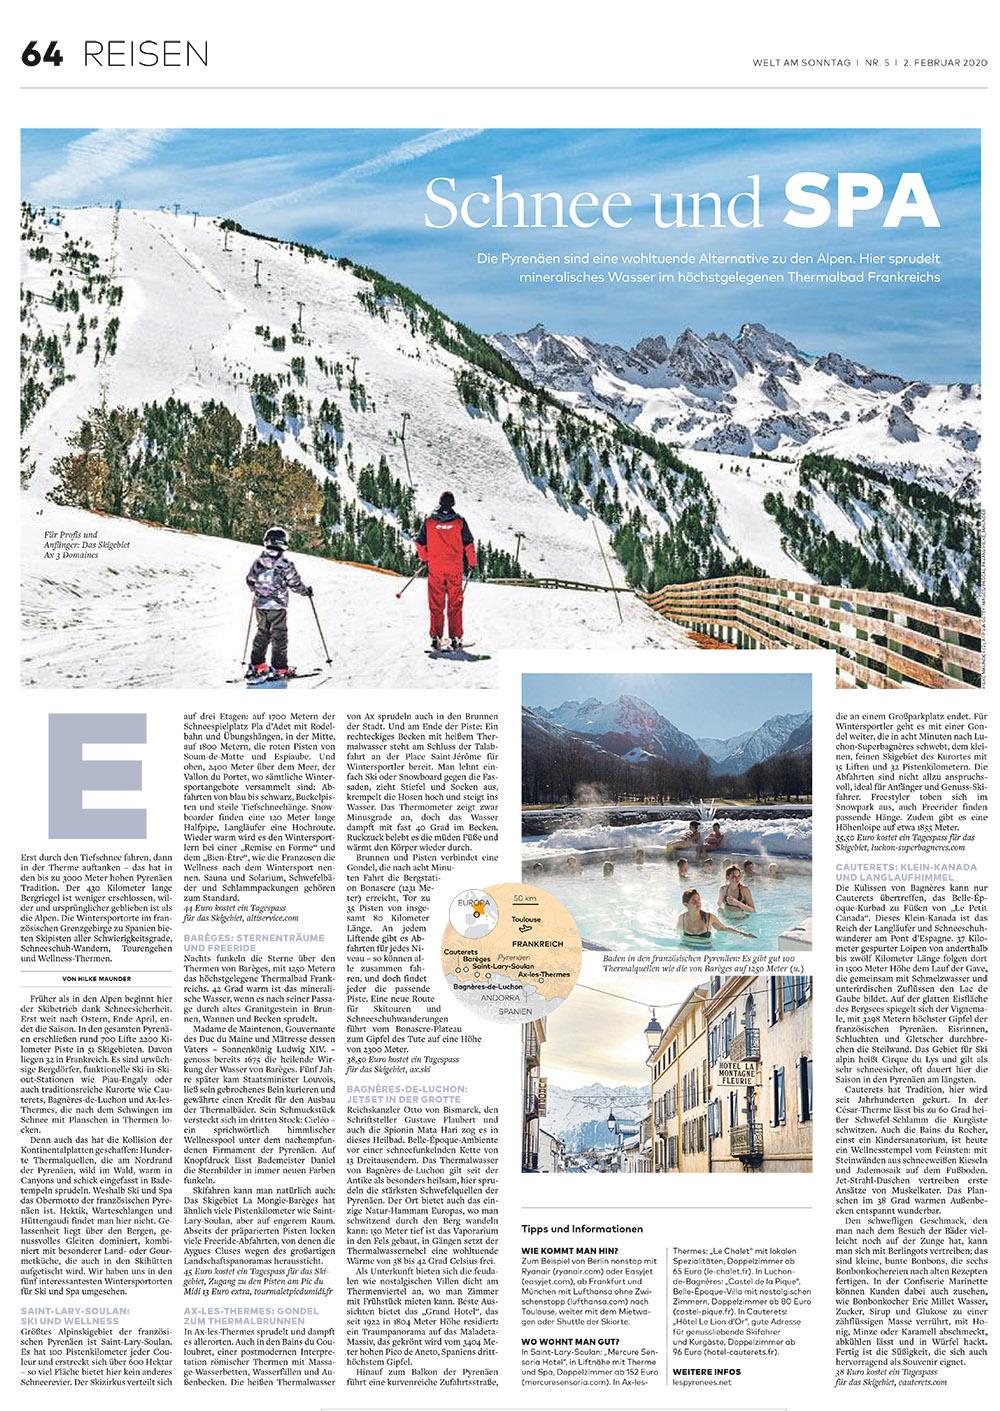 Die Welt: Schnee und Spa